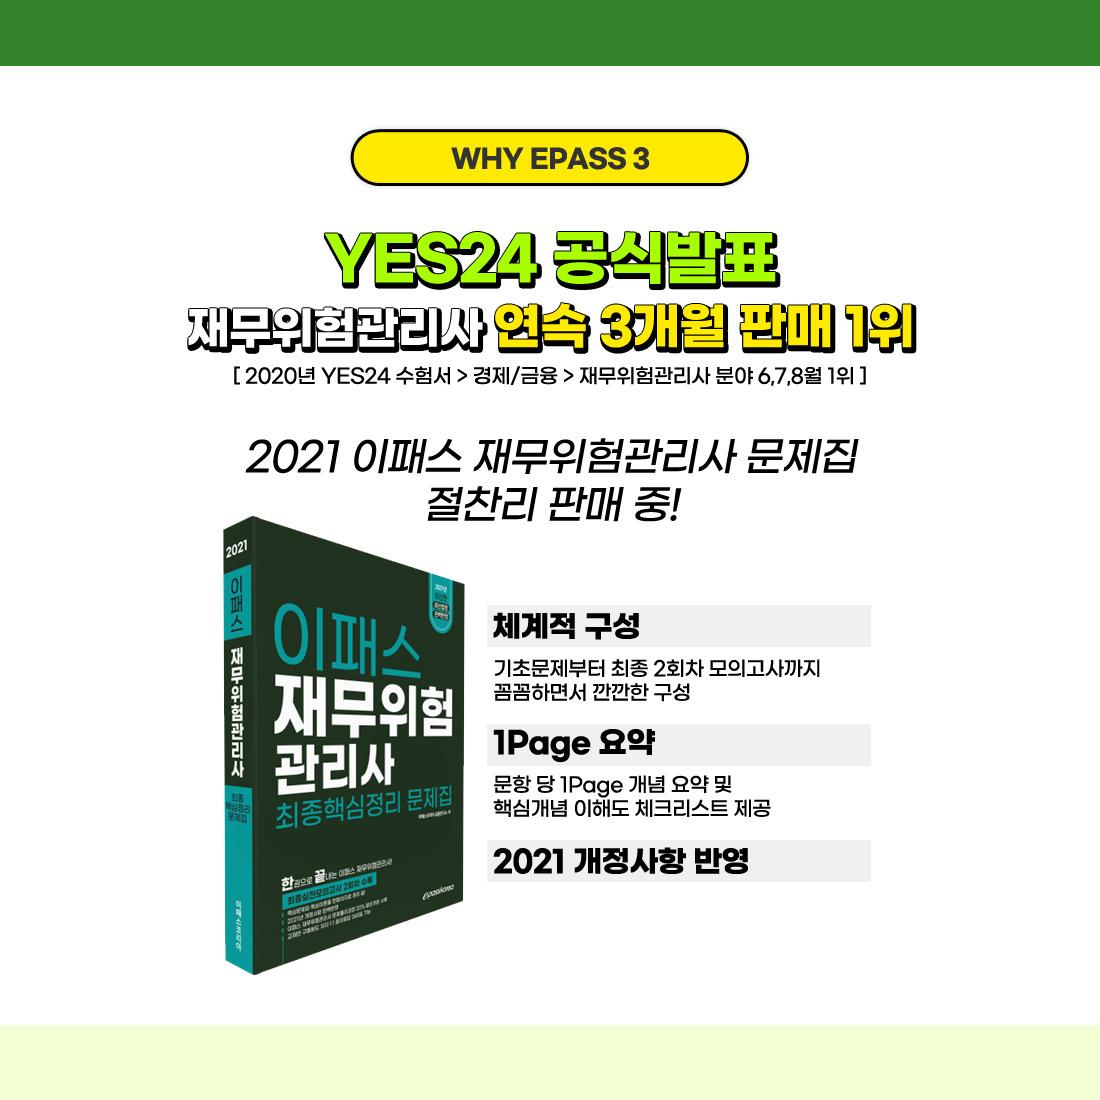 YES24 공식발표 재무위험관리사 연속 3개월 판매 1위